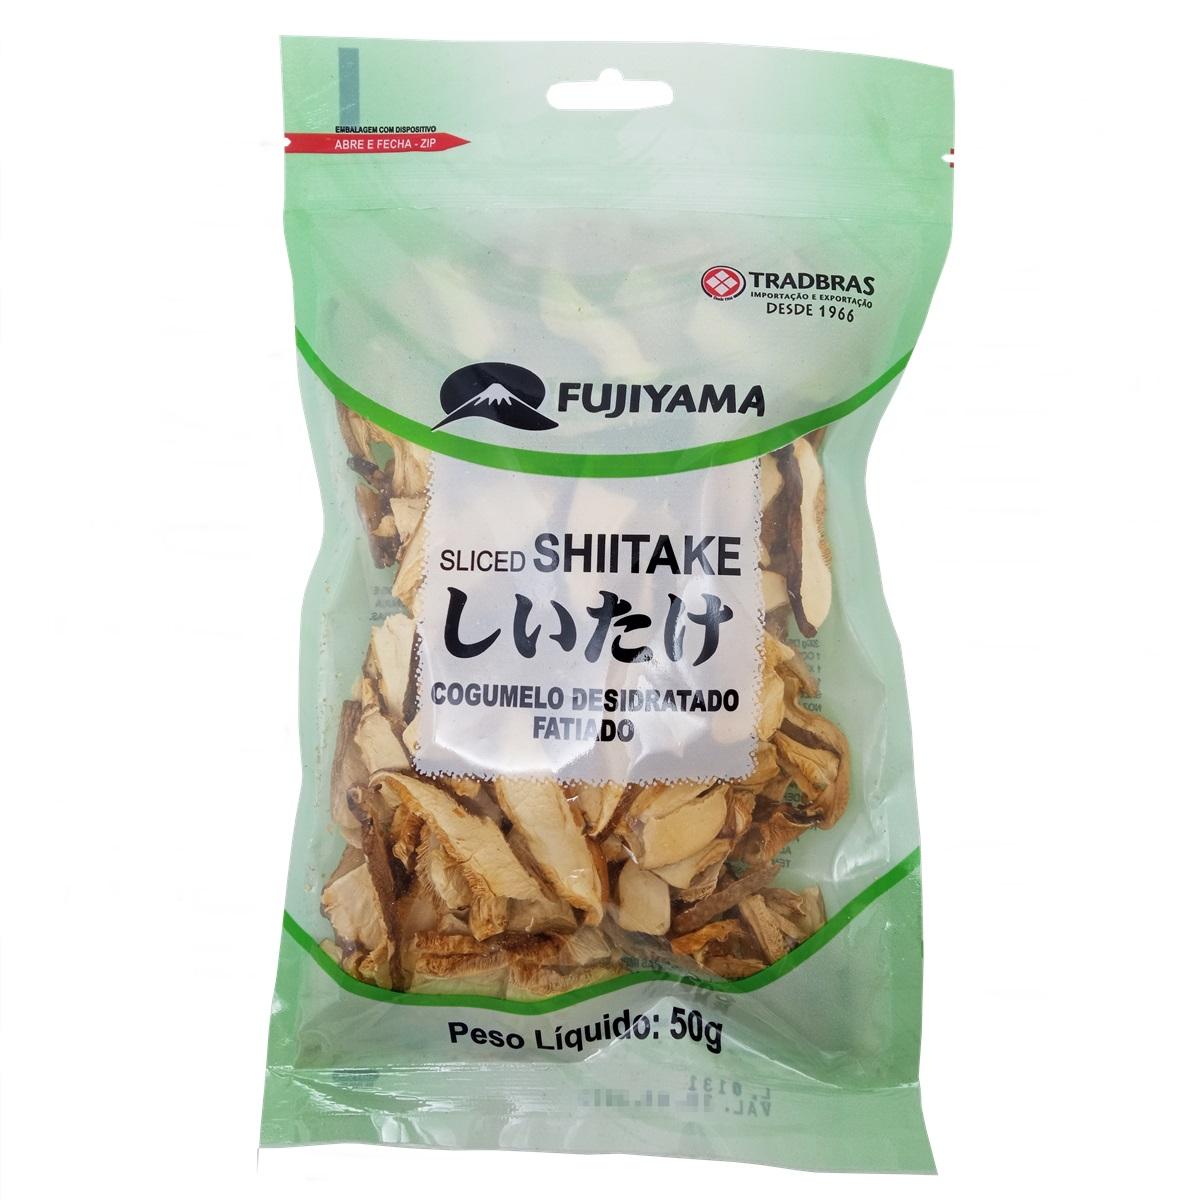 Cogumelo Desidratado Shiitake Shitake Fatiado 50g - Fujiyama